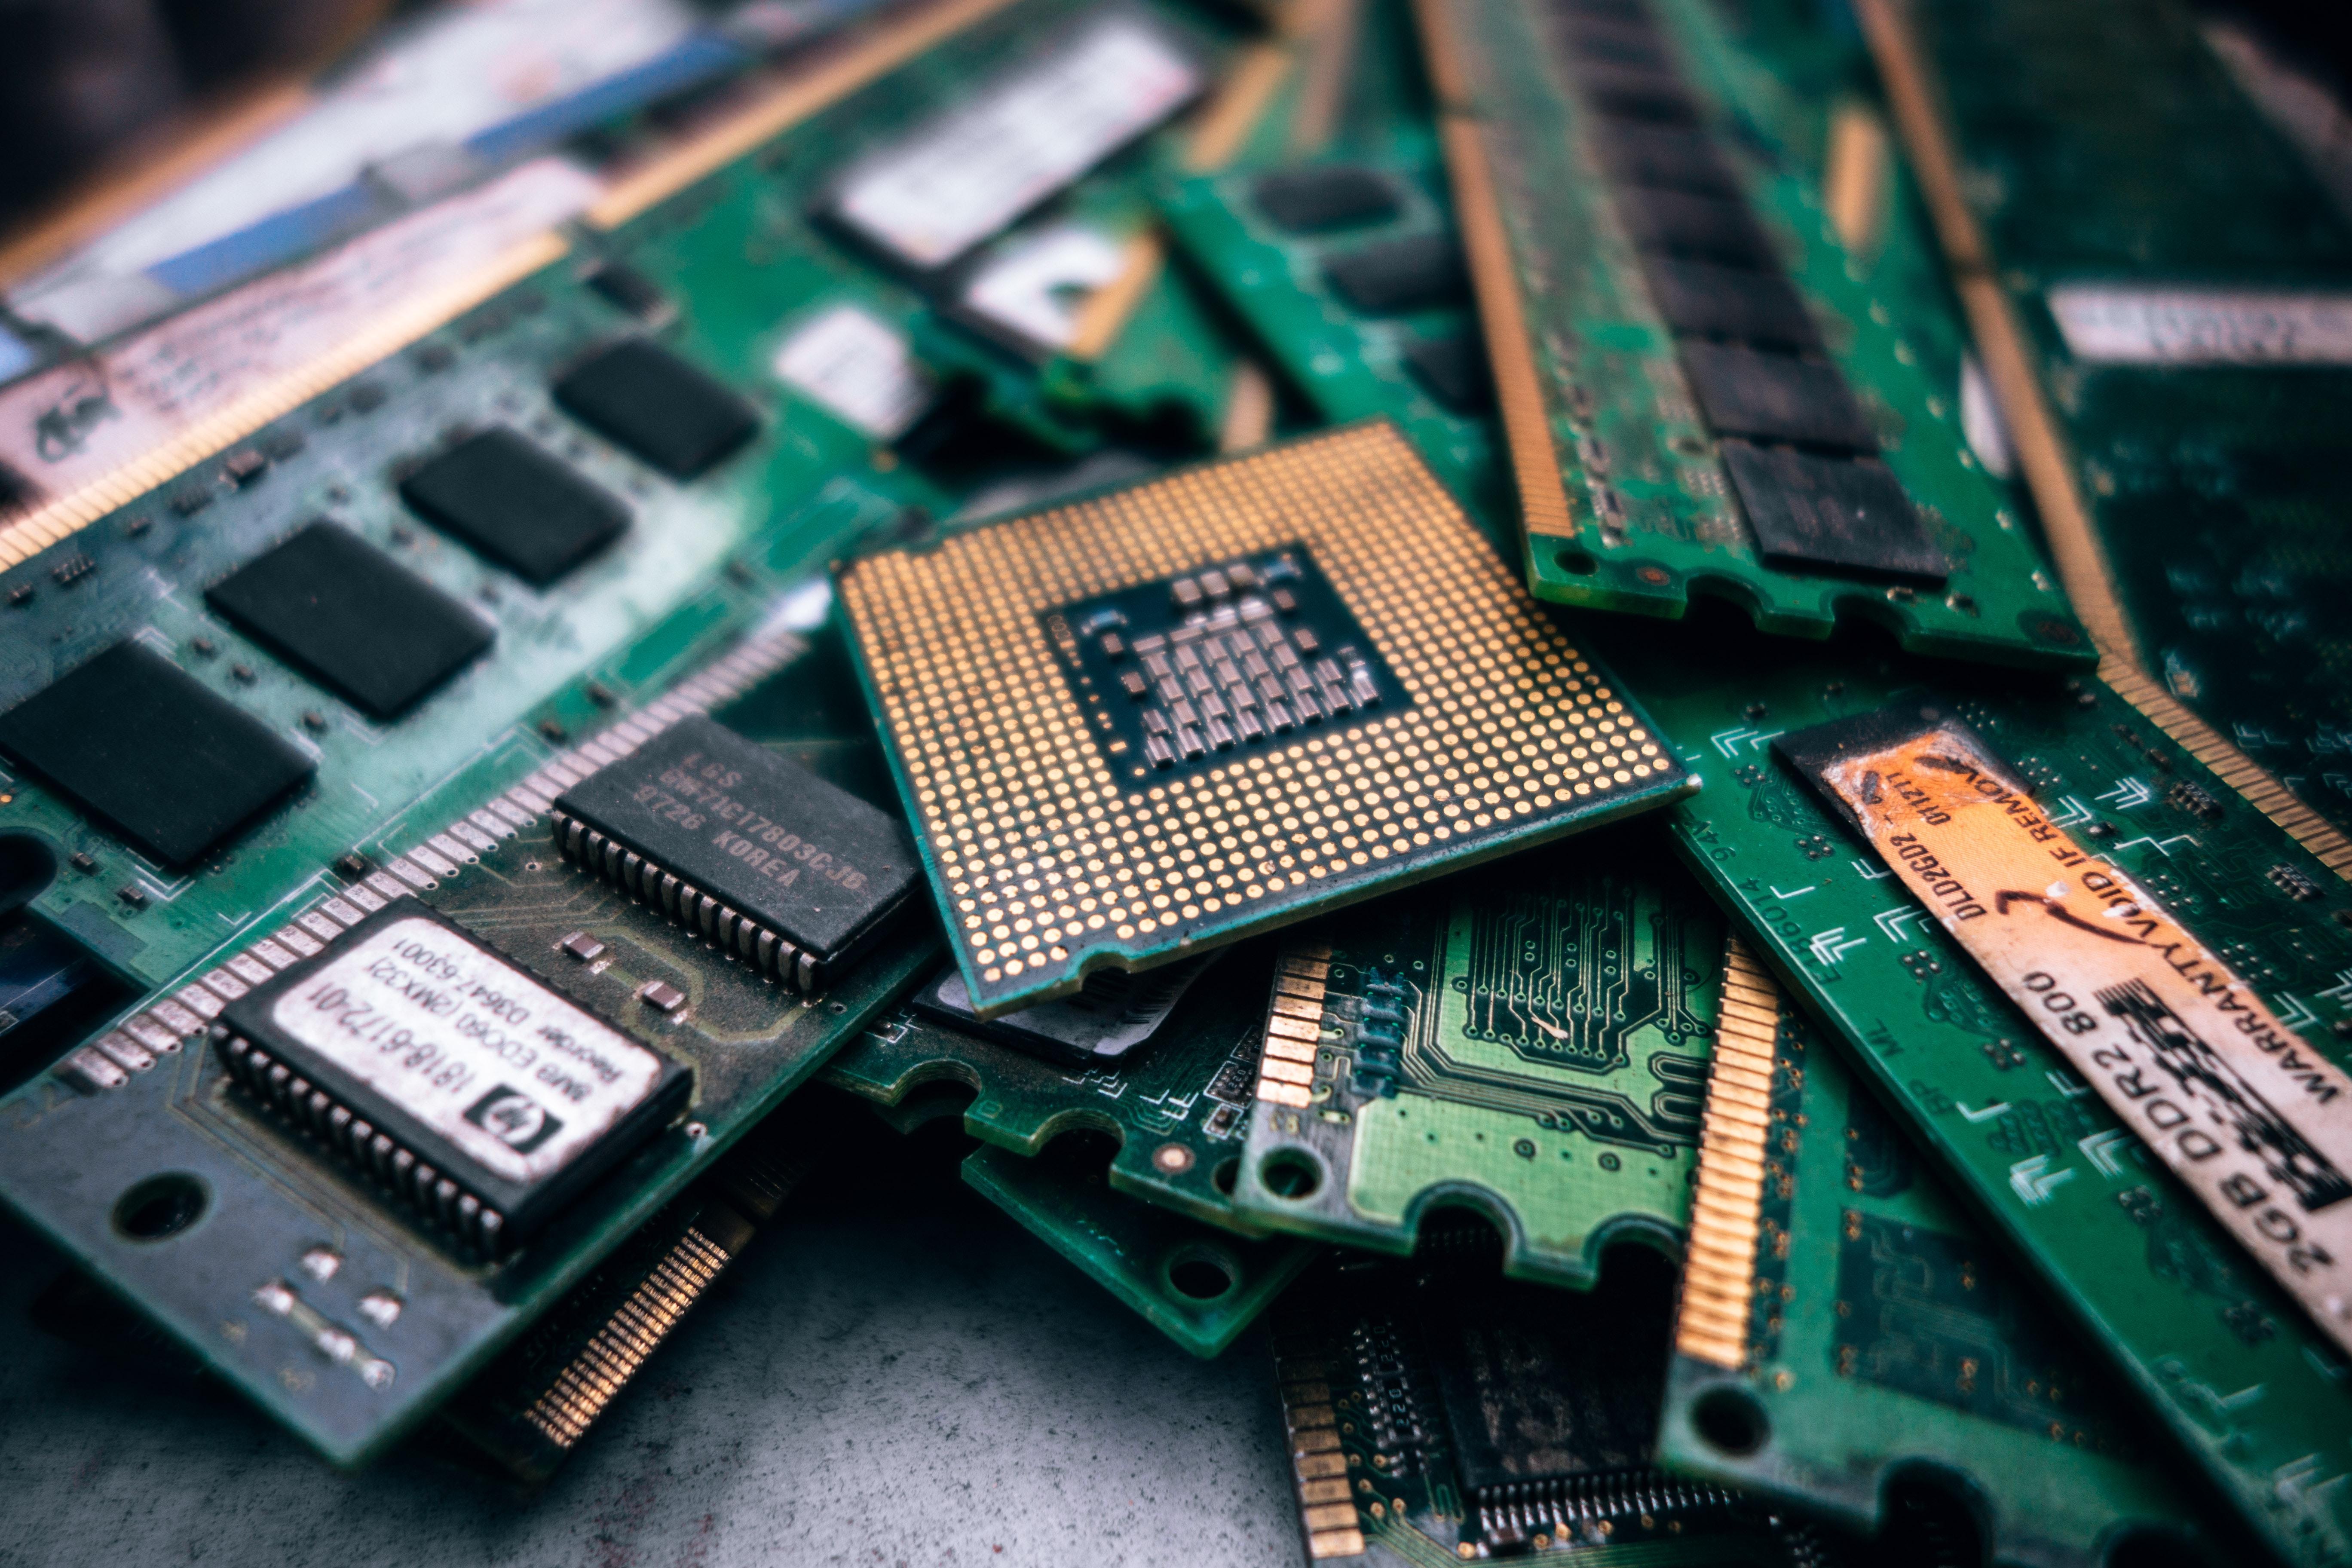 Datenschutz-Grundverordnung und Selbsthilfe, Auf dem Foto sind Speichermedien abgebildet